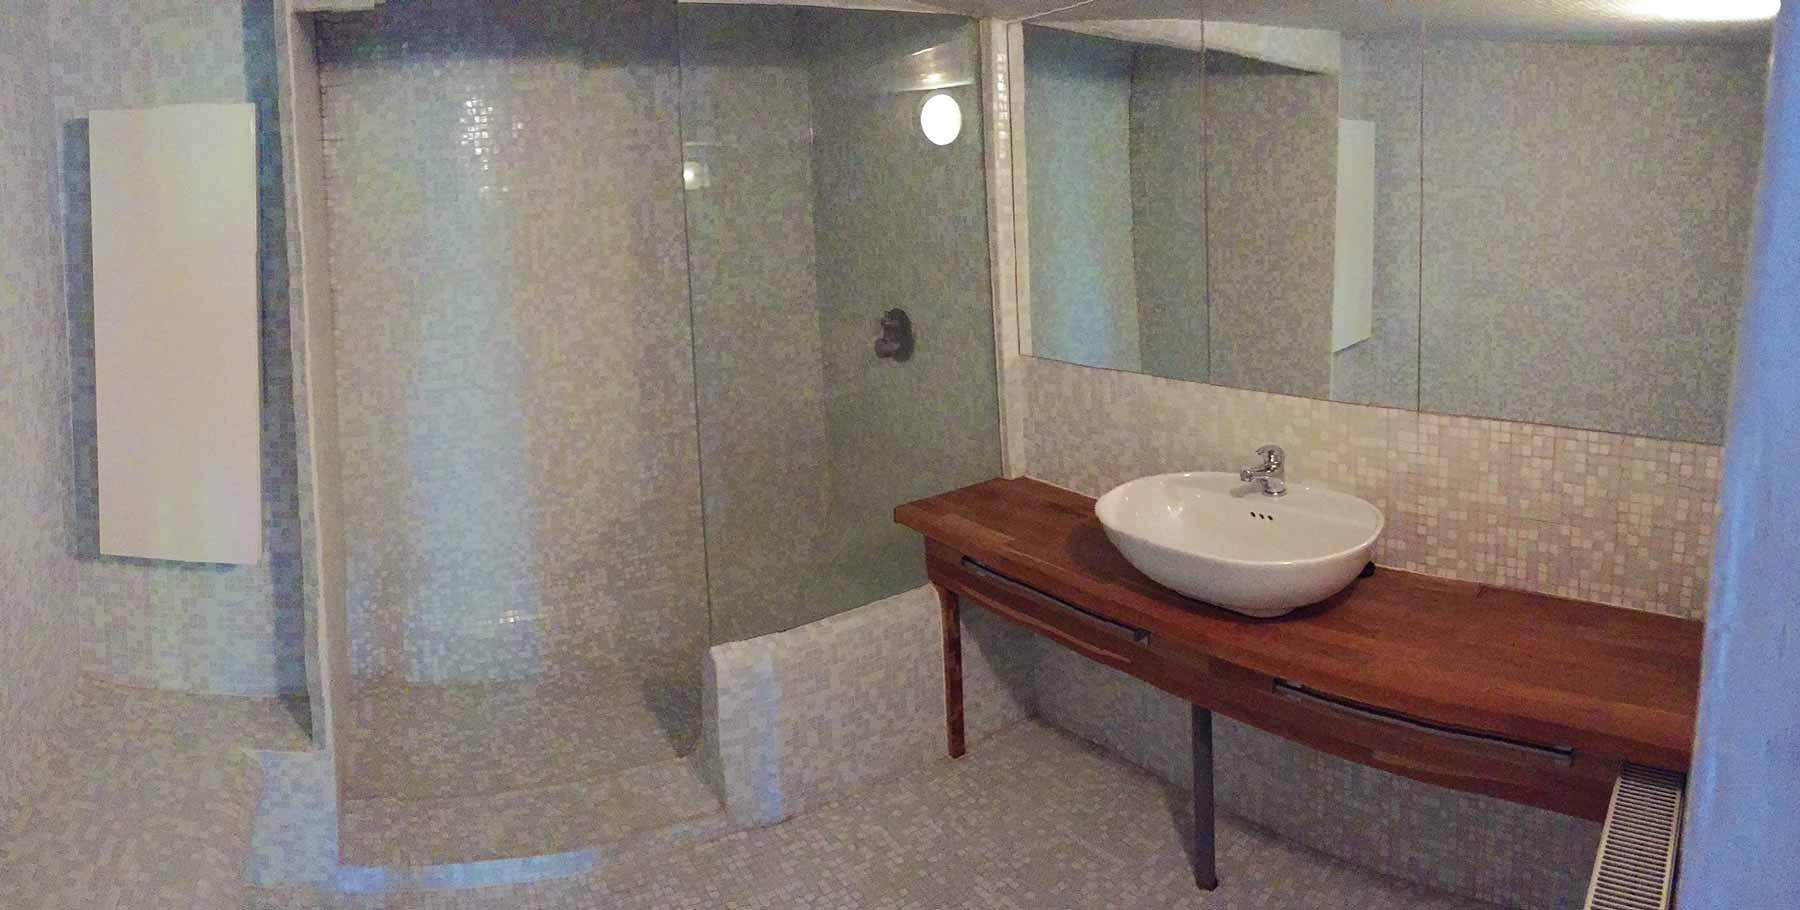 Te koop mooi gelegen halfopen bebouwing in 9051 gent - Functionele badkamer ...